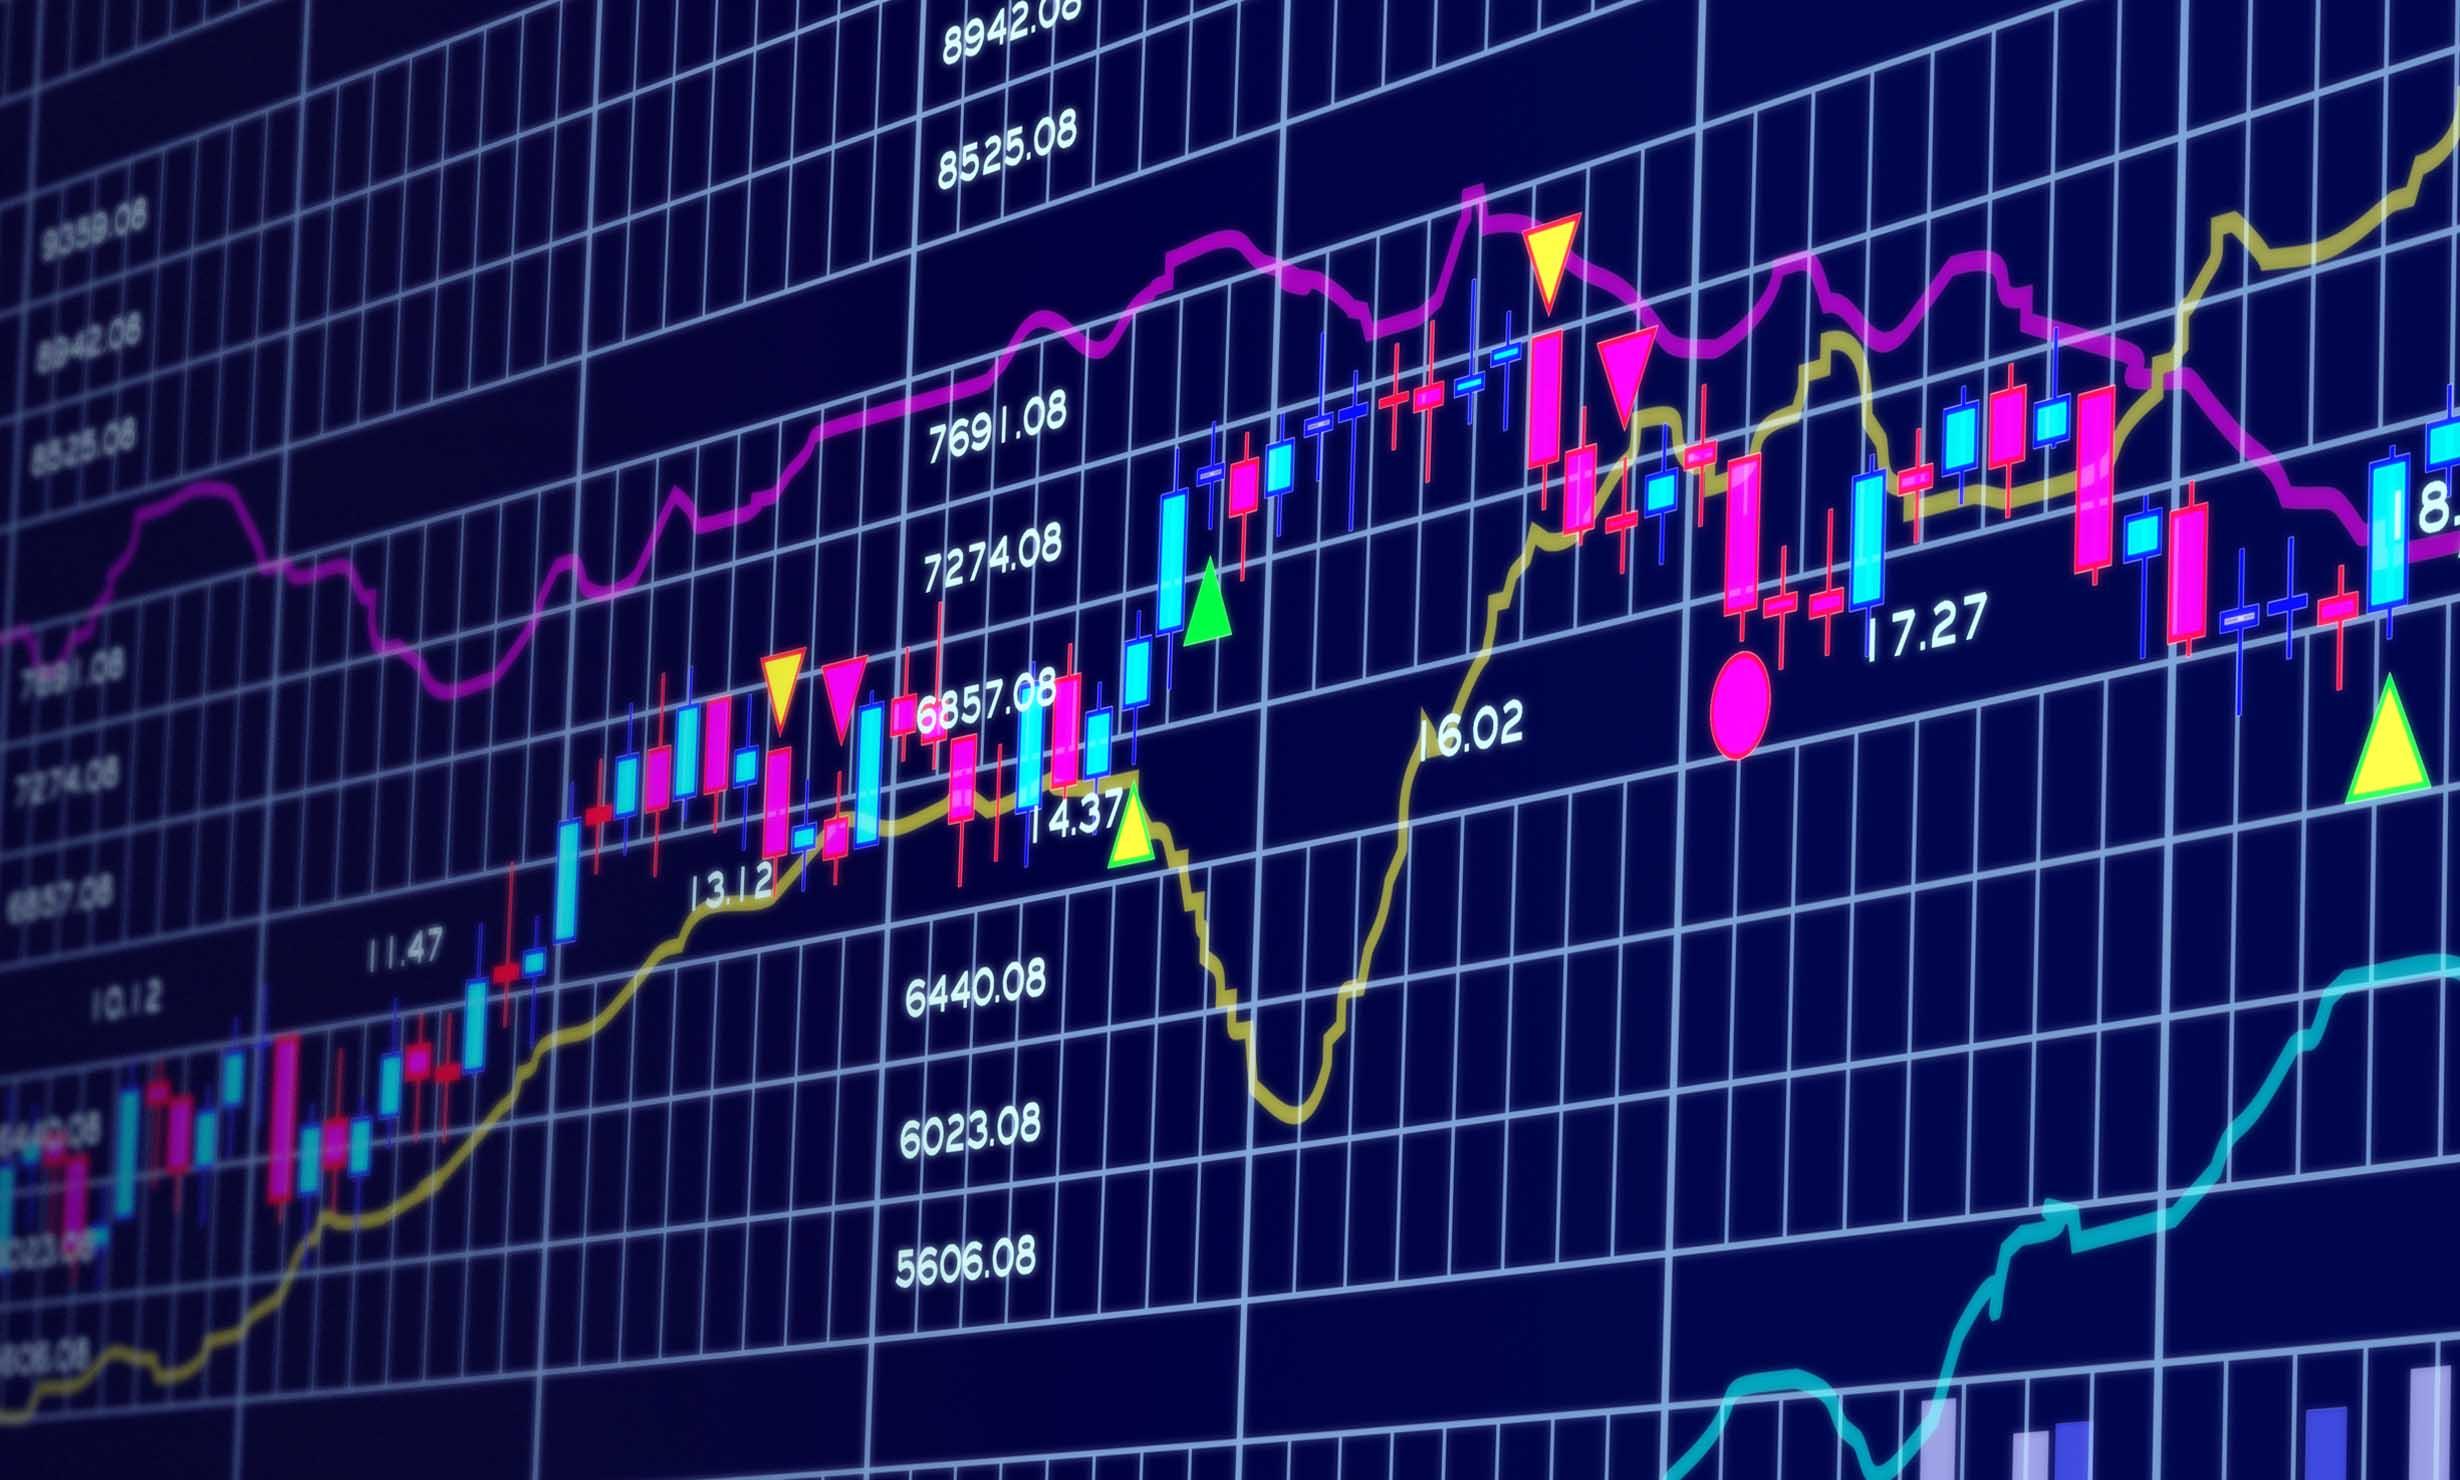 Հայաստանում նկատվում է դրամական միջոցների ակտիվ հոսք դեպի կորպորատիվ պարտատոմսերի շուկա